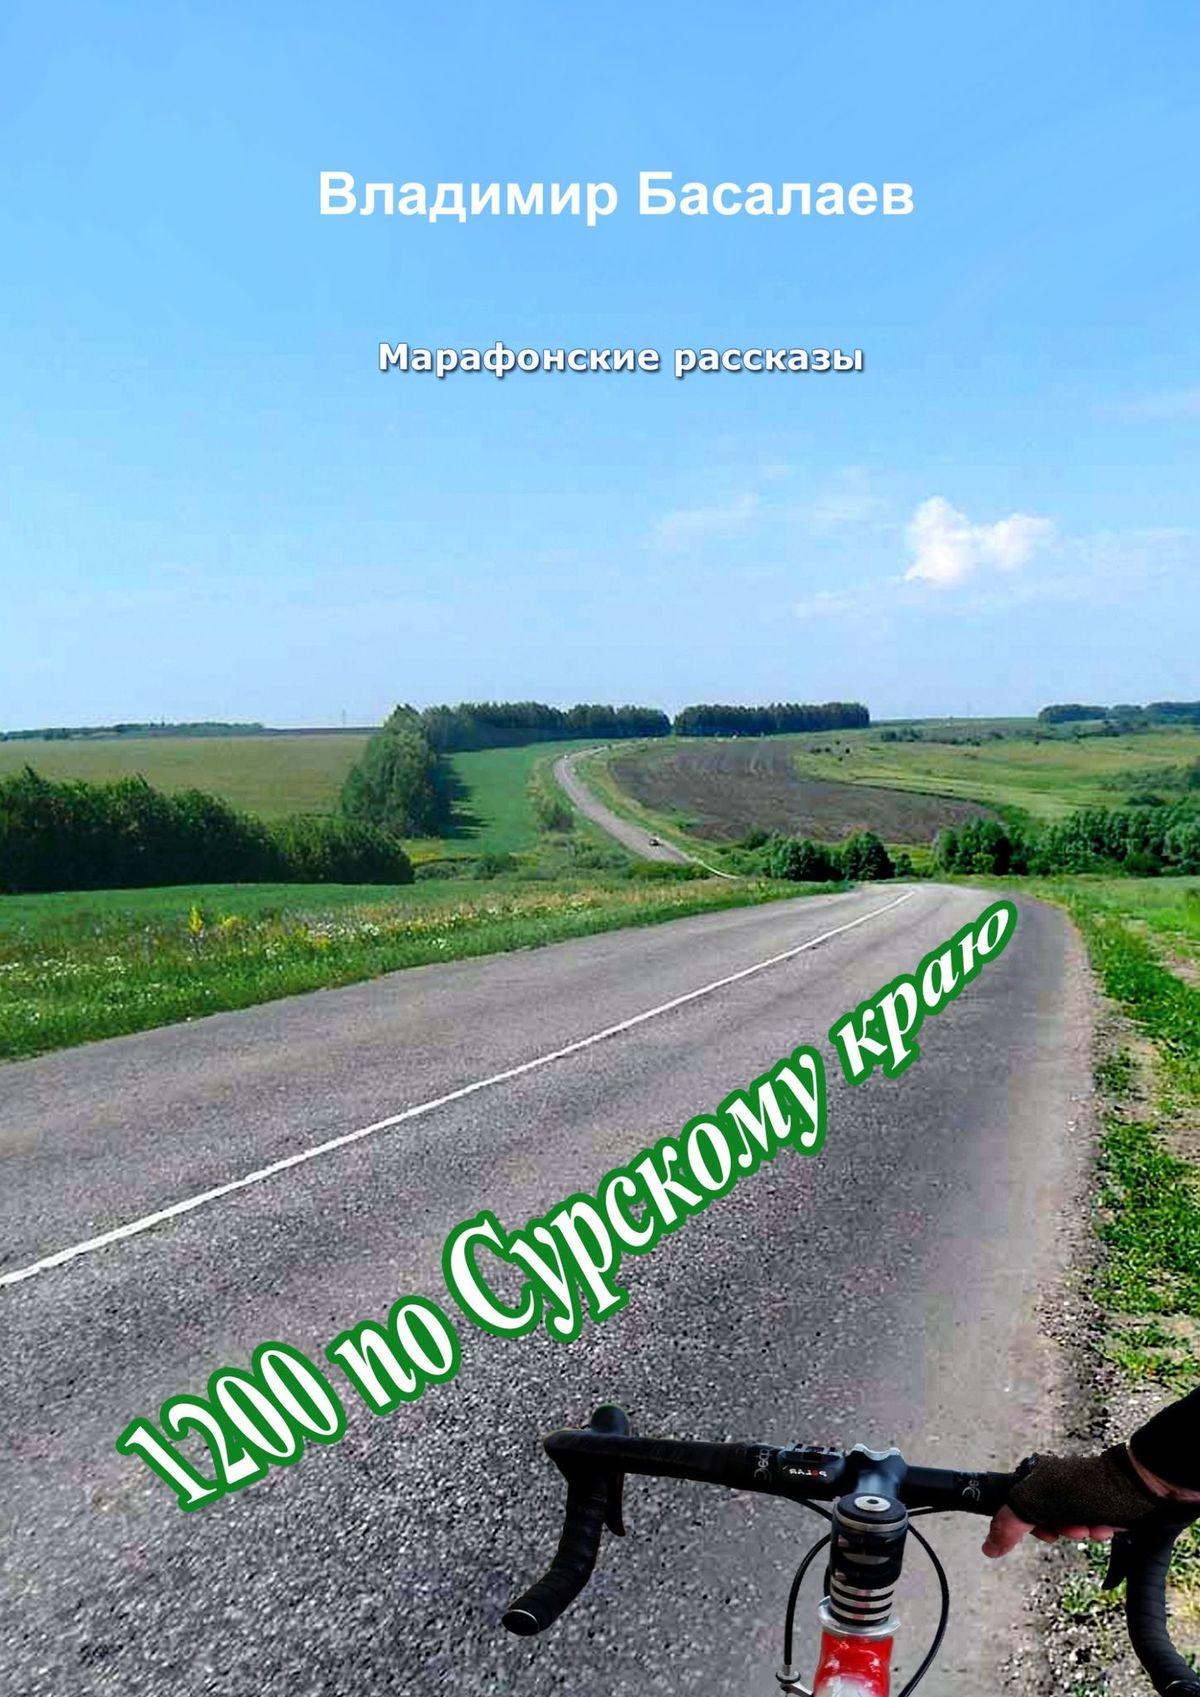 1200 по Сурскому краю. Марафонские рассказы